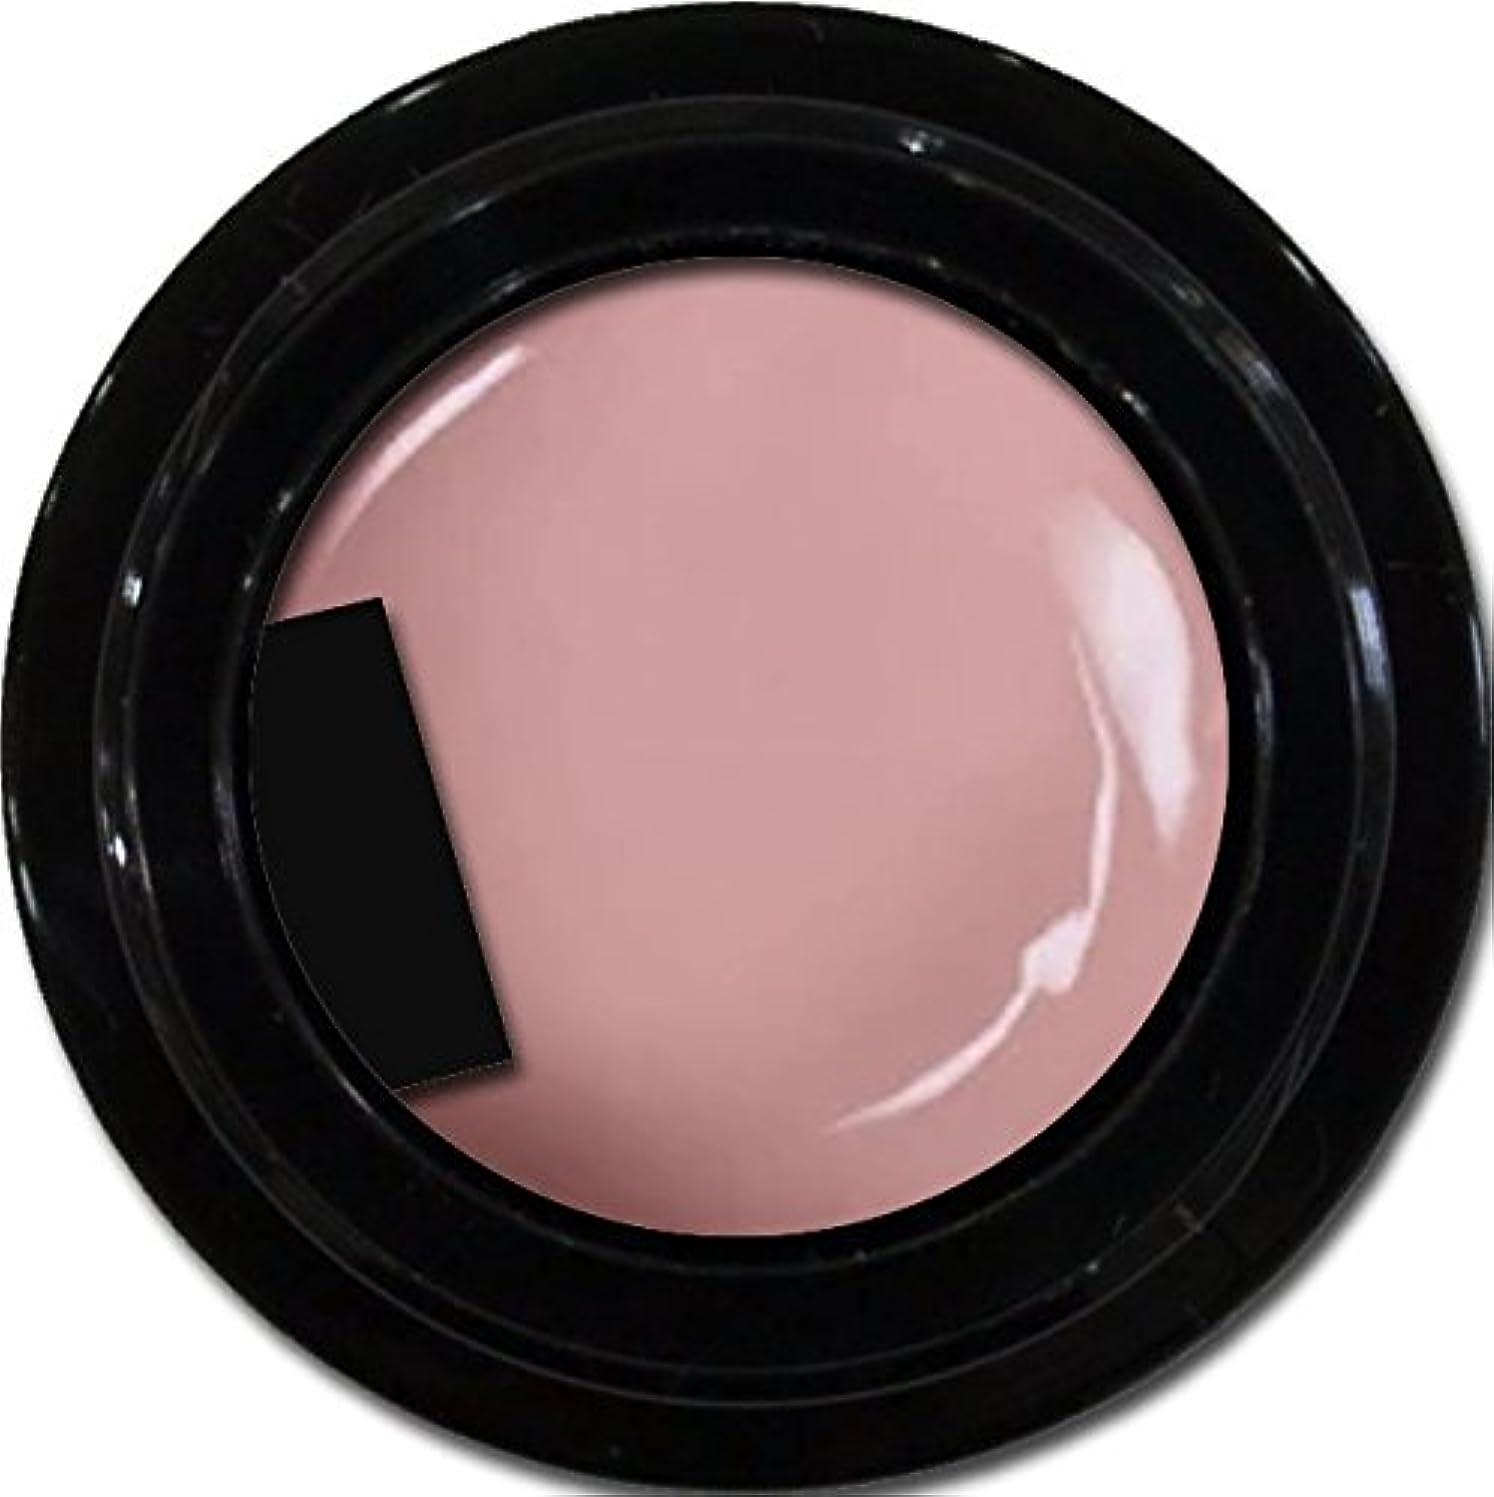 シーン葡萄規制カラージェル enchant color gel M506 SmokePink 3g/ マットカラージェル M506スモークピンク 3グラム